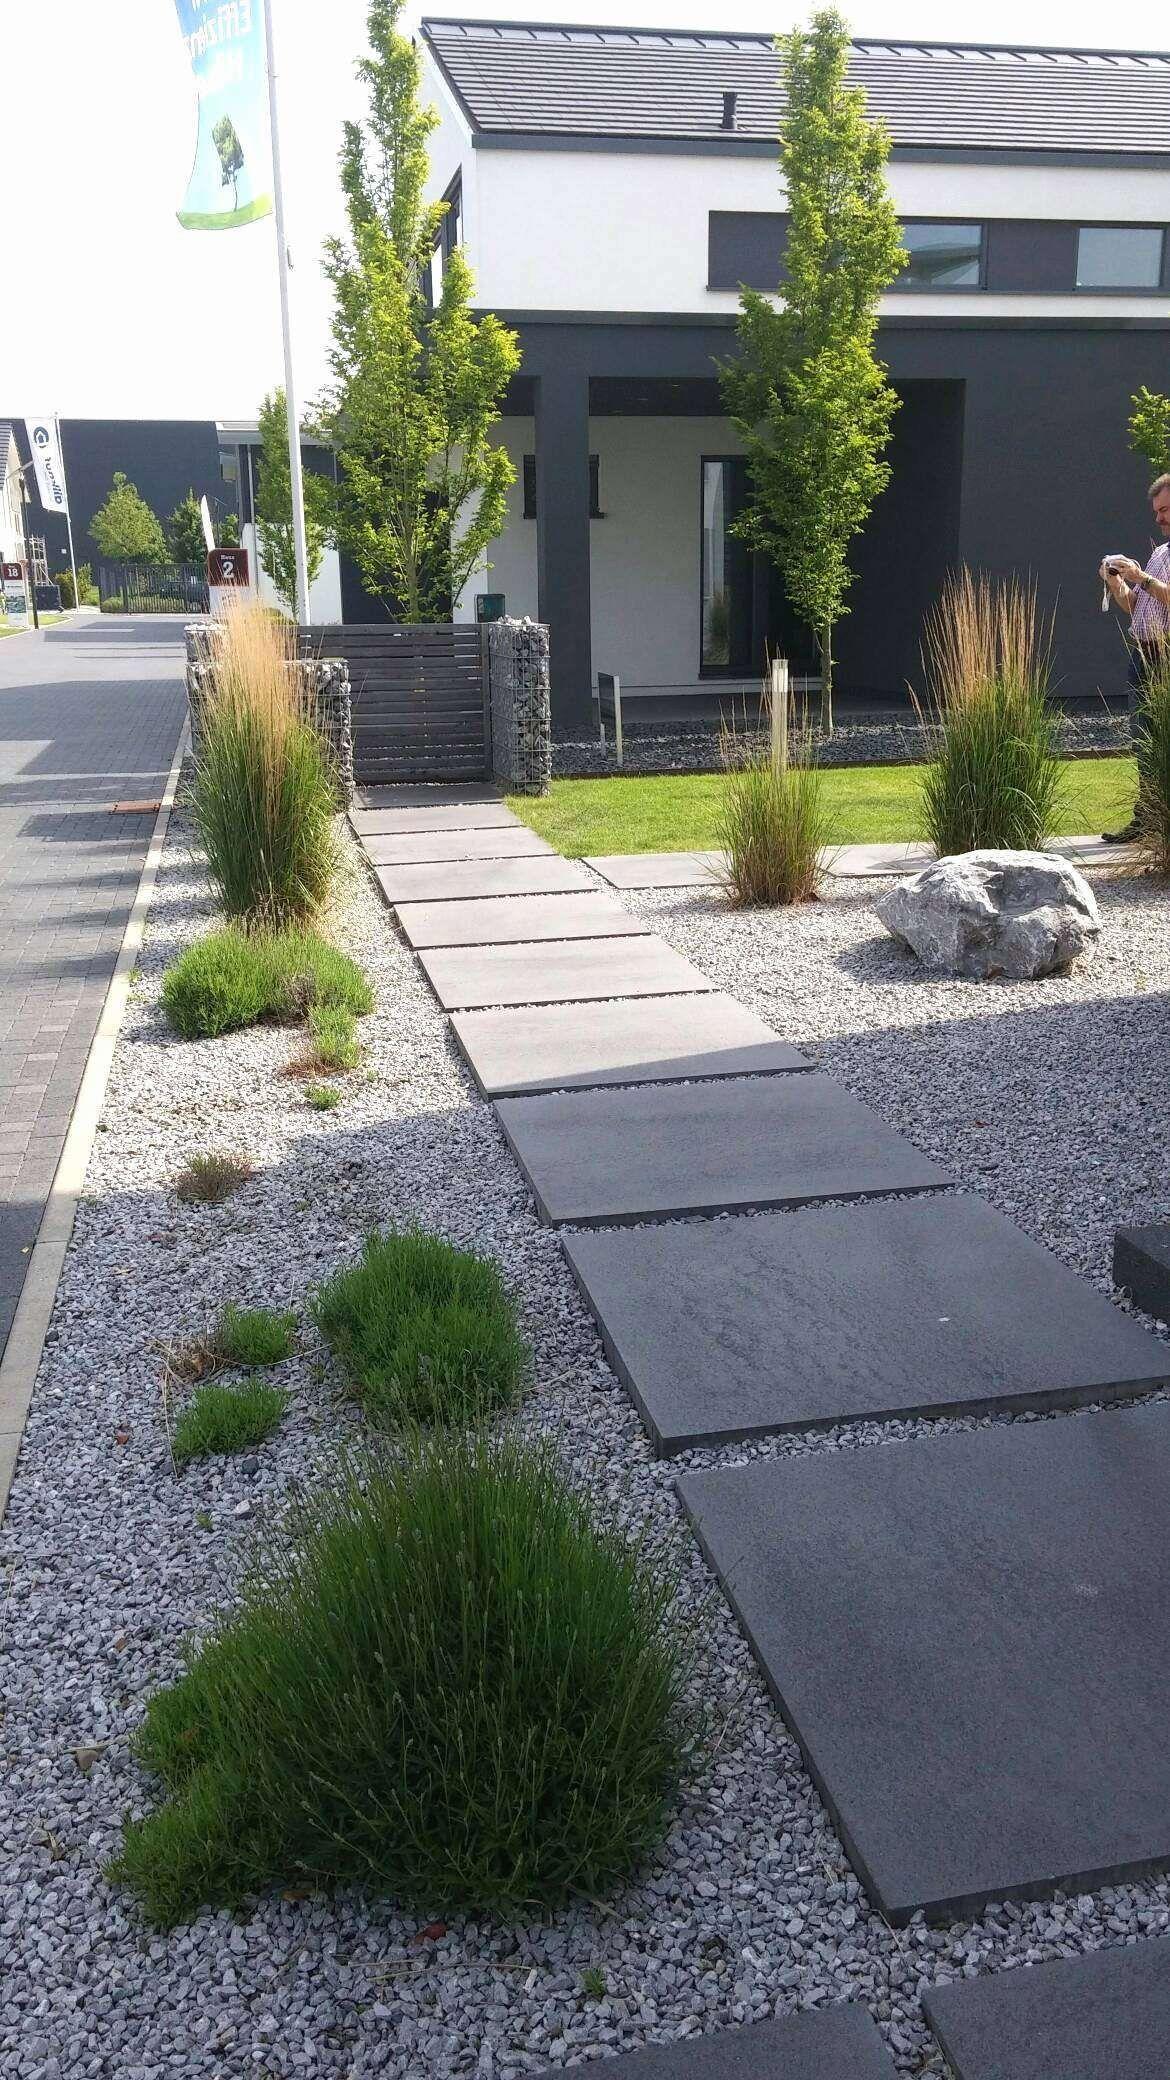 Moderner Kleiner Garten Best Of Garten Ideas Garten Anlegen Lovely Aussenleuchten Garten 0d